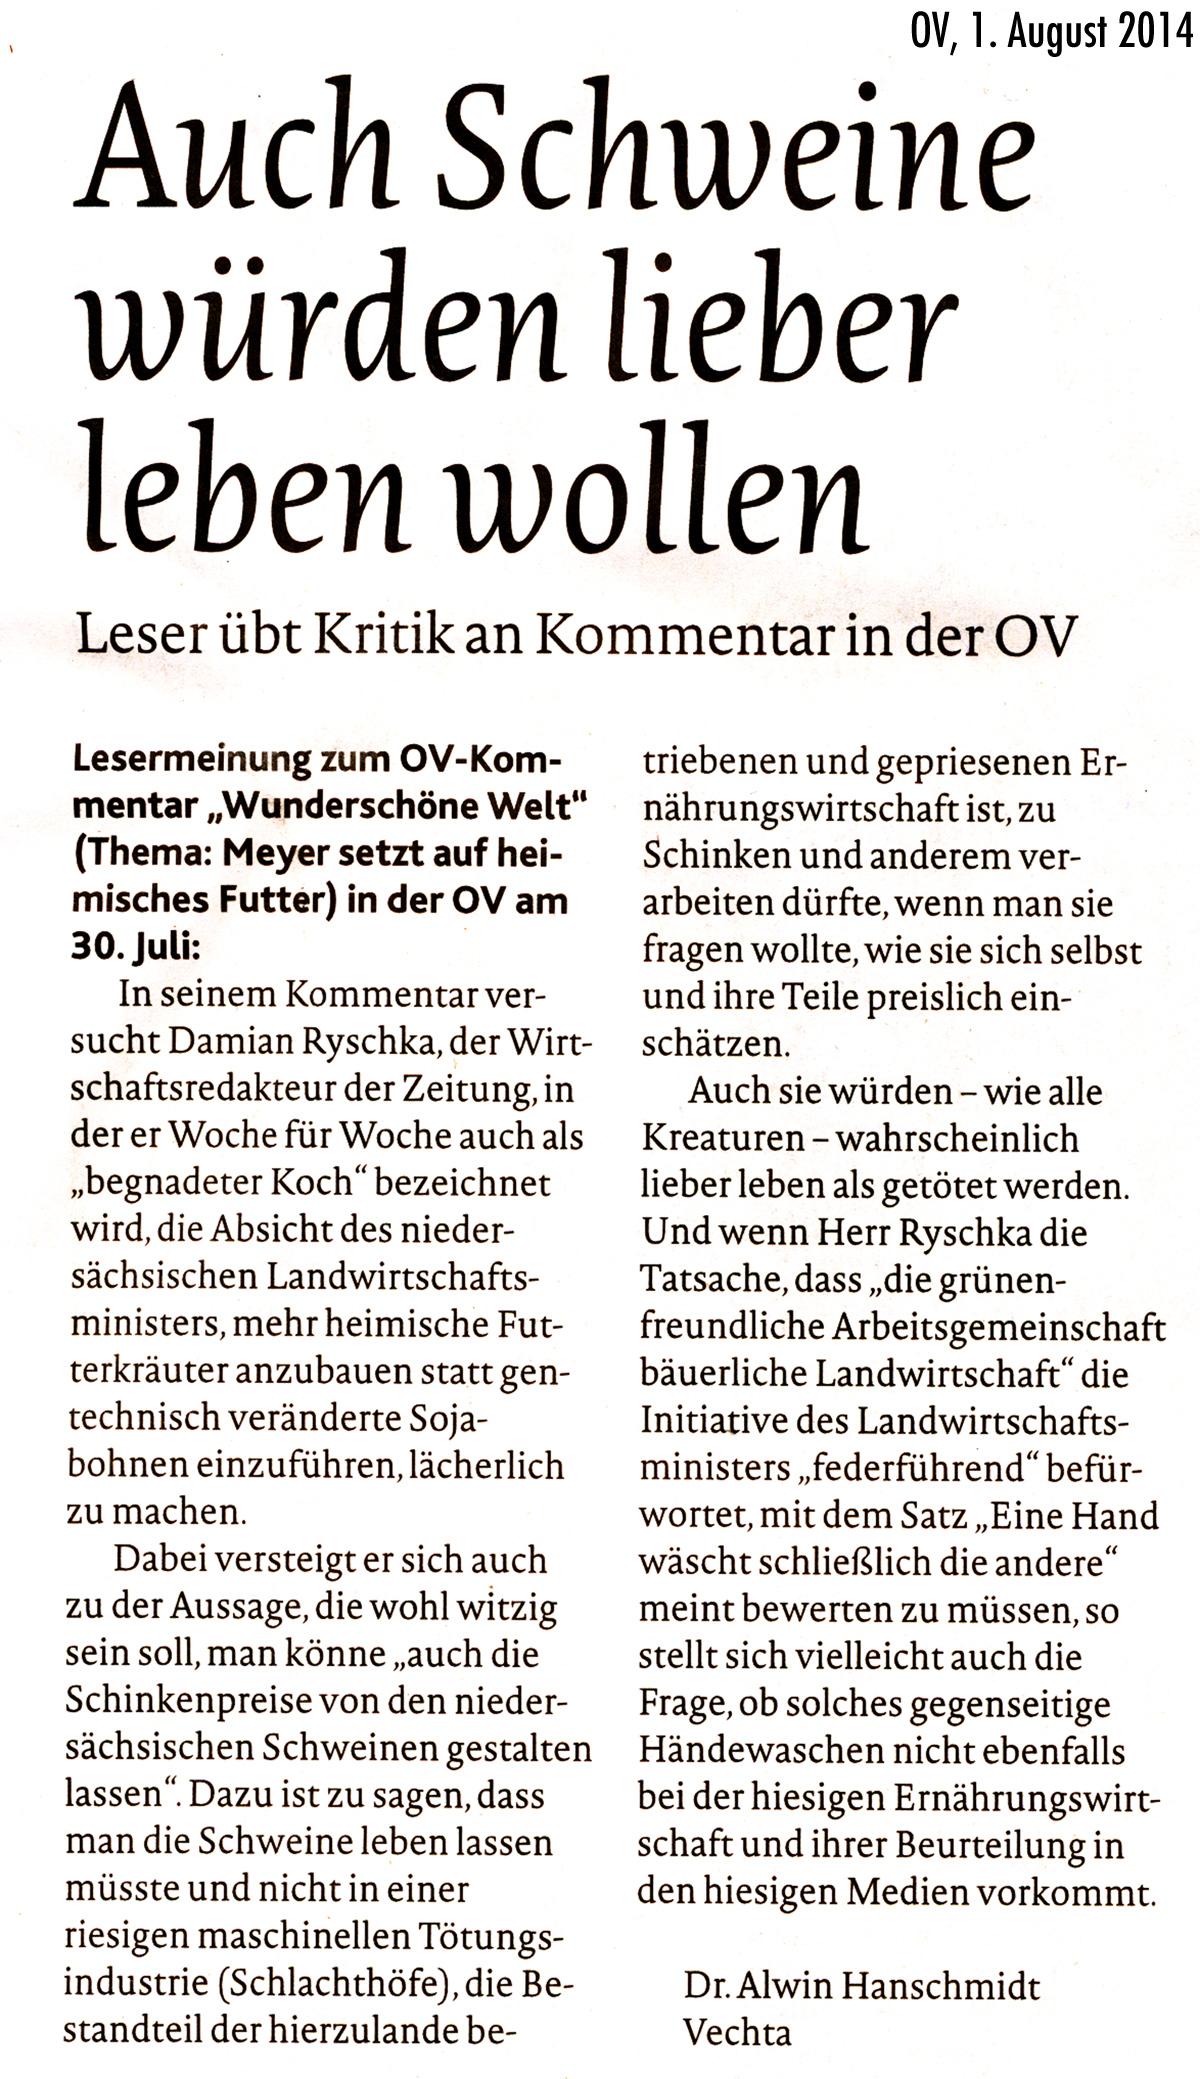 Liebesbrief - Narrenfreiheit des Tages 21.11.2014 | Funcloud